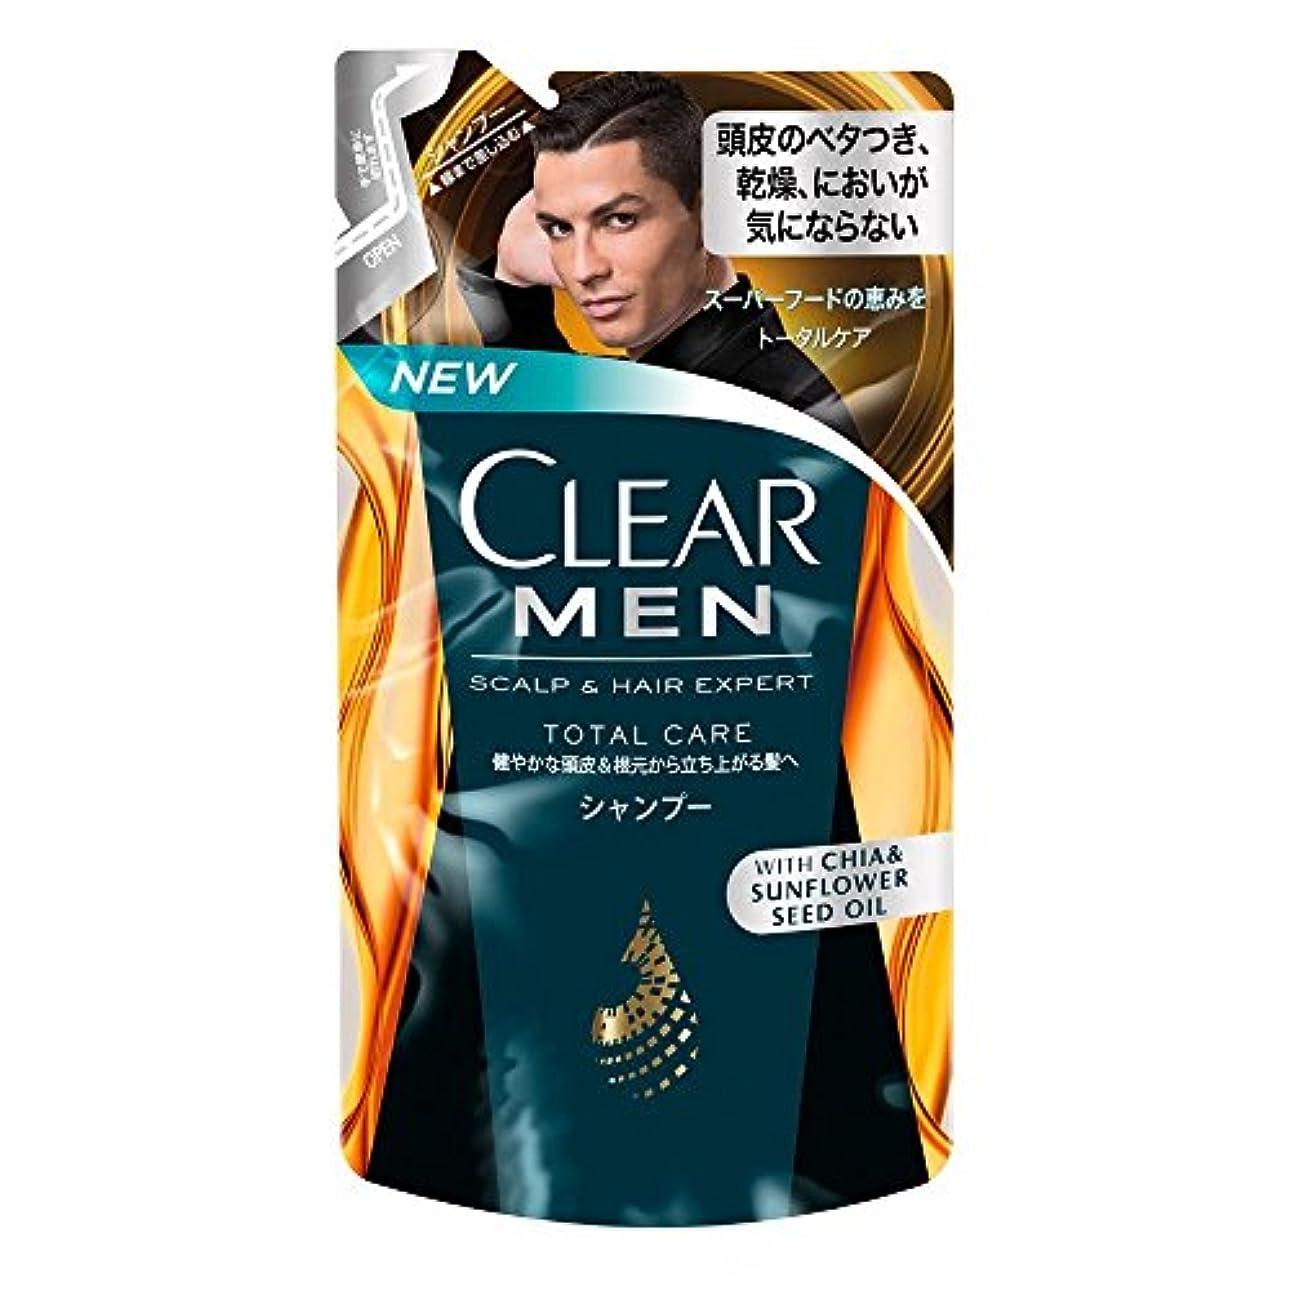 エンティティ首動的クリア フォーメン トータルケア 男性用シャンプー つめかえ用 (健やかな頭皮へ) 280g × 3個